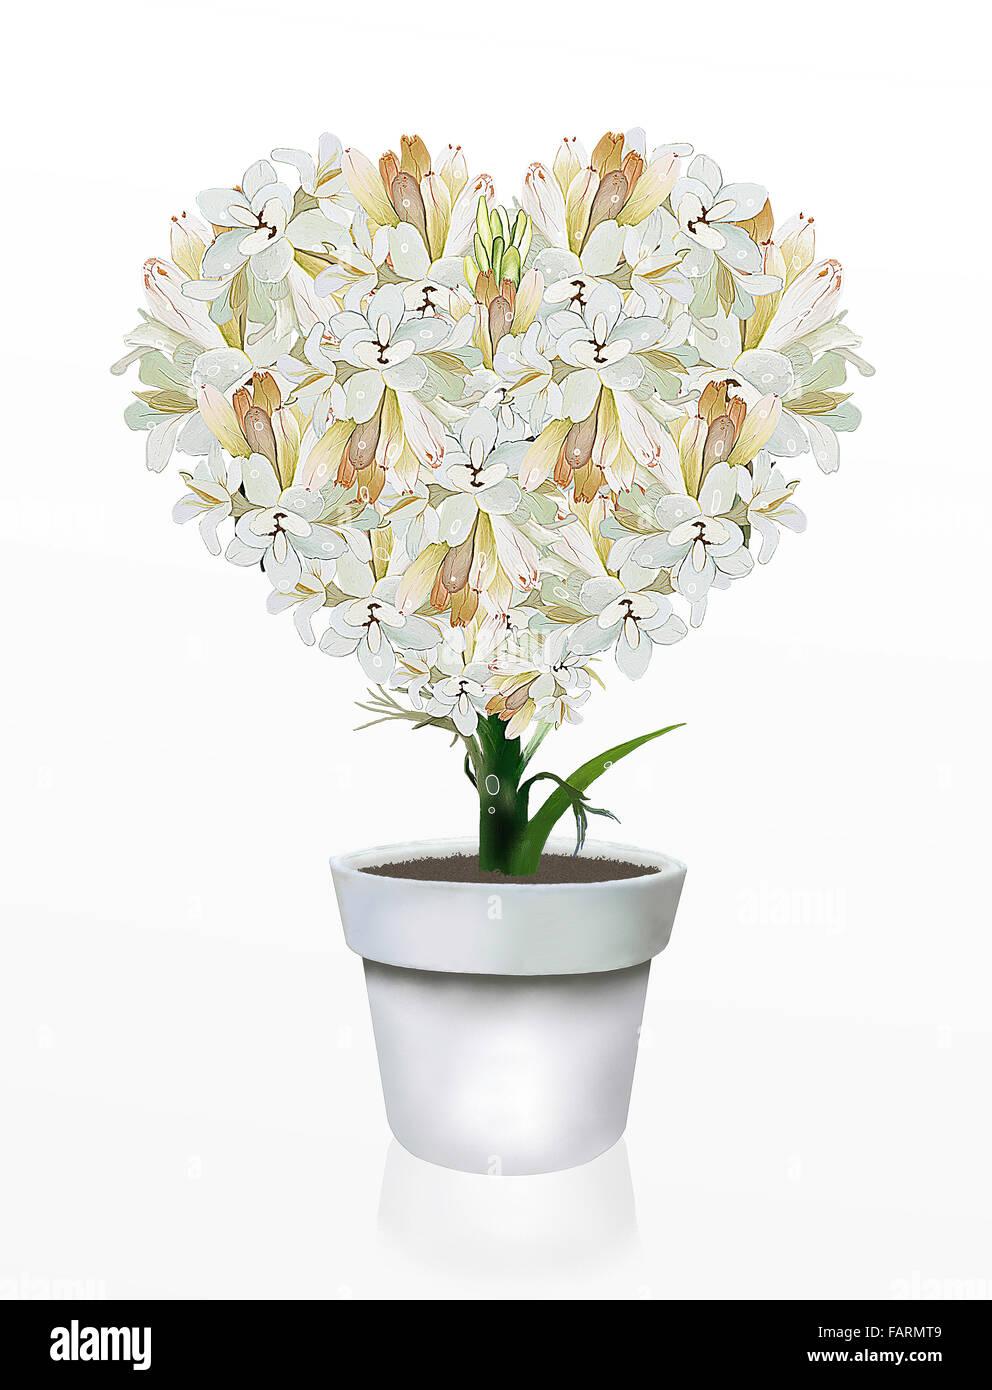 A Beautiful Heart Shape Of White Tuberose Flowers In Flowerpot On A